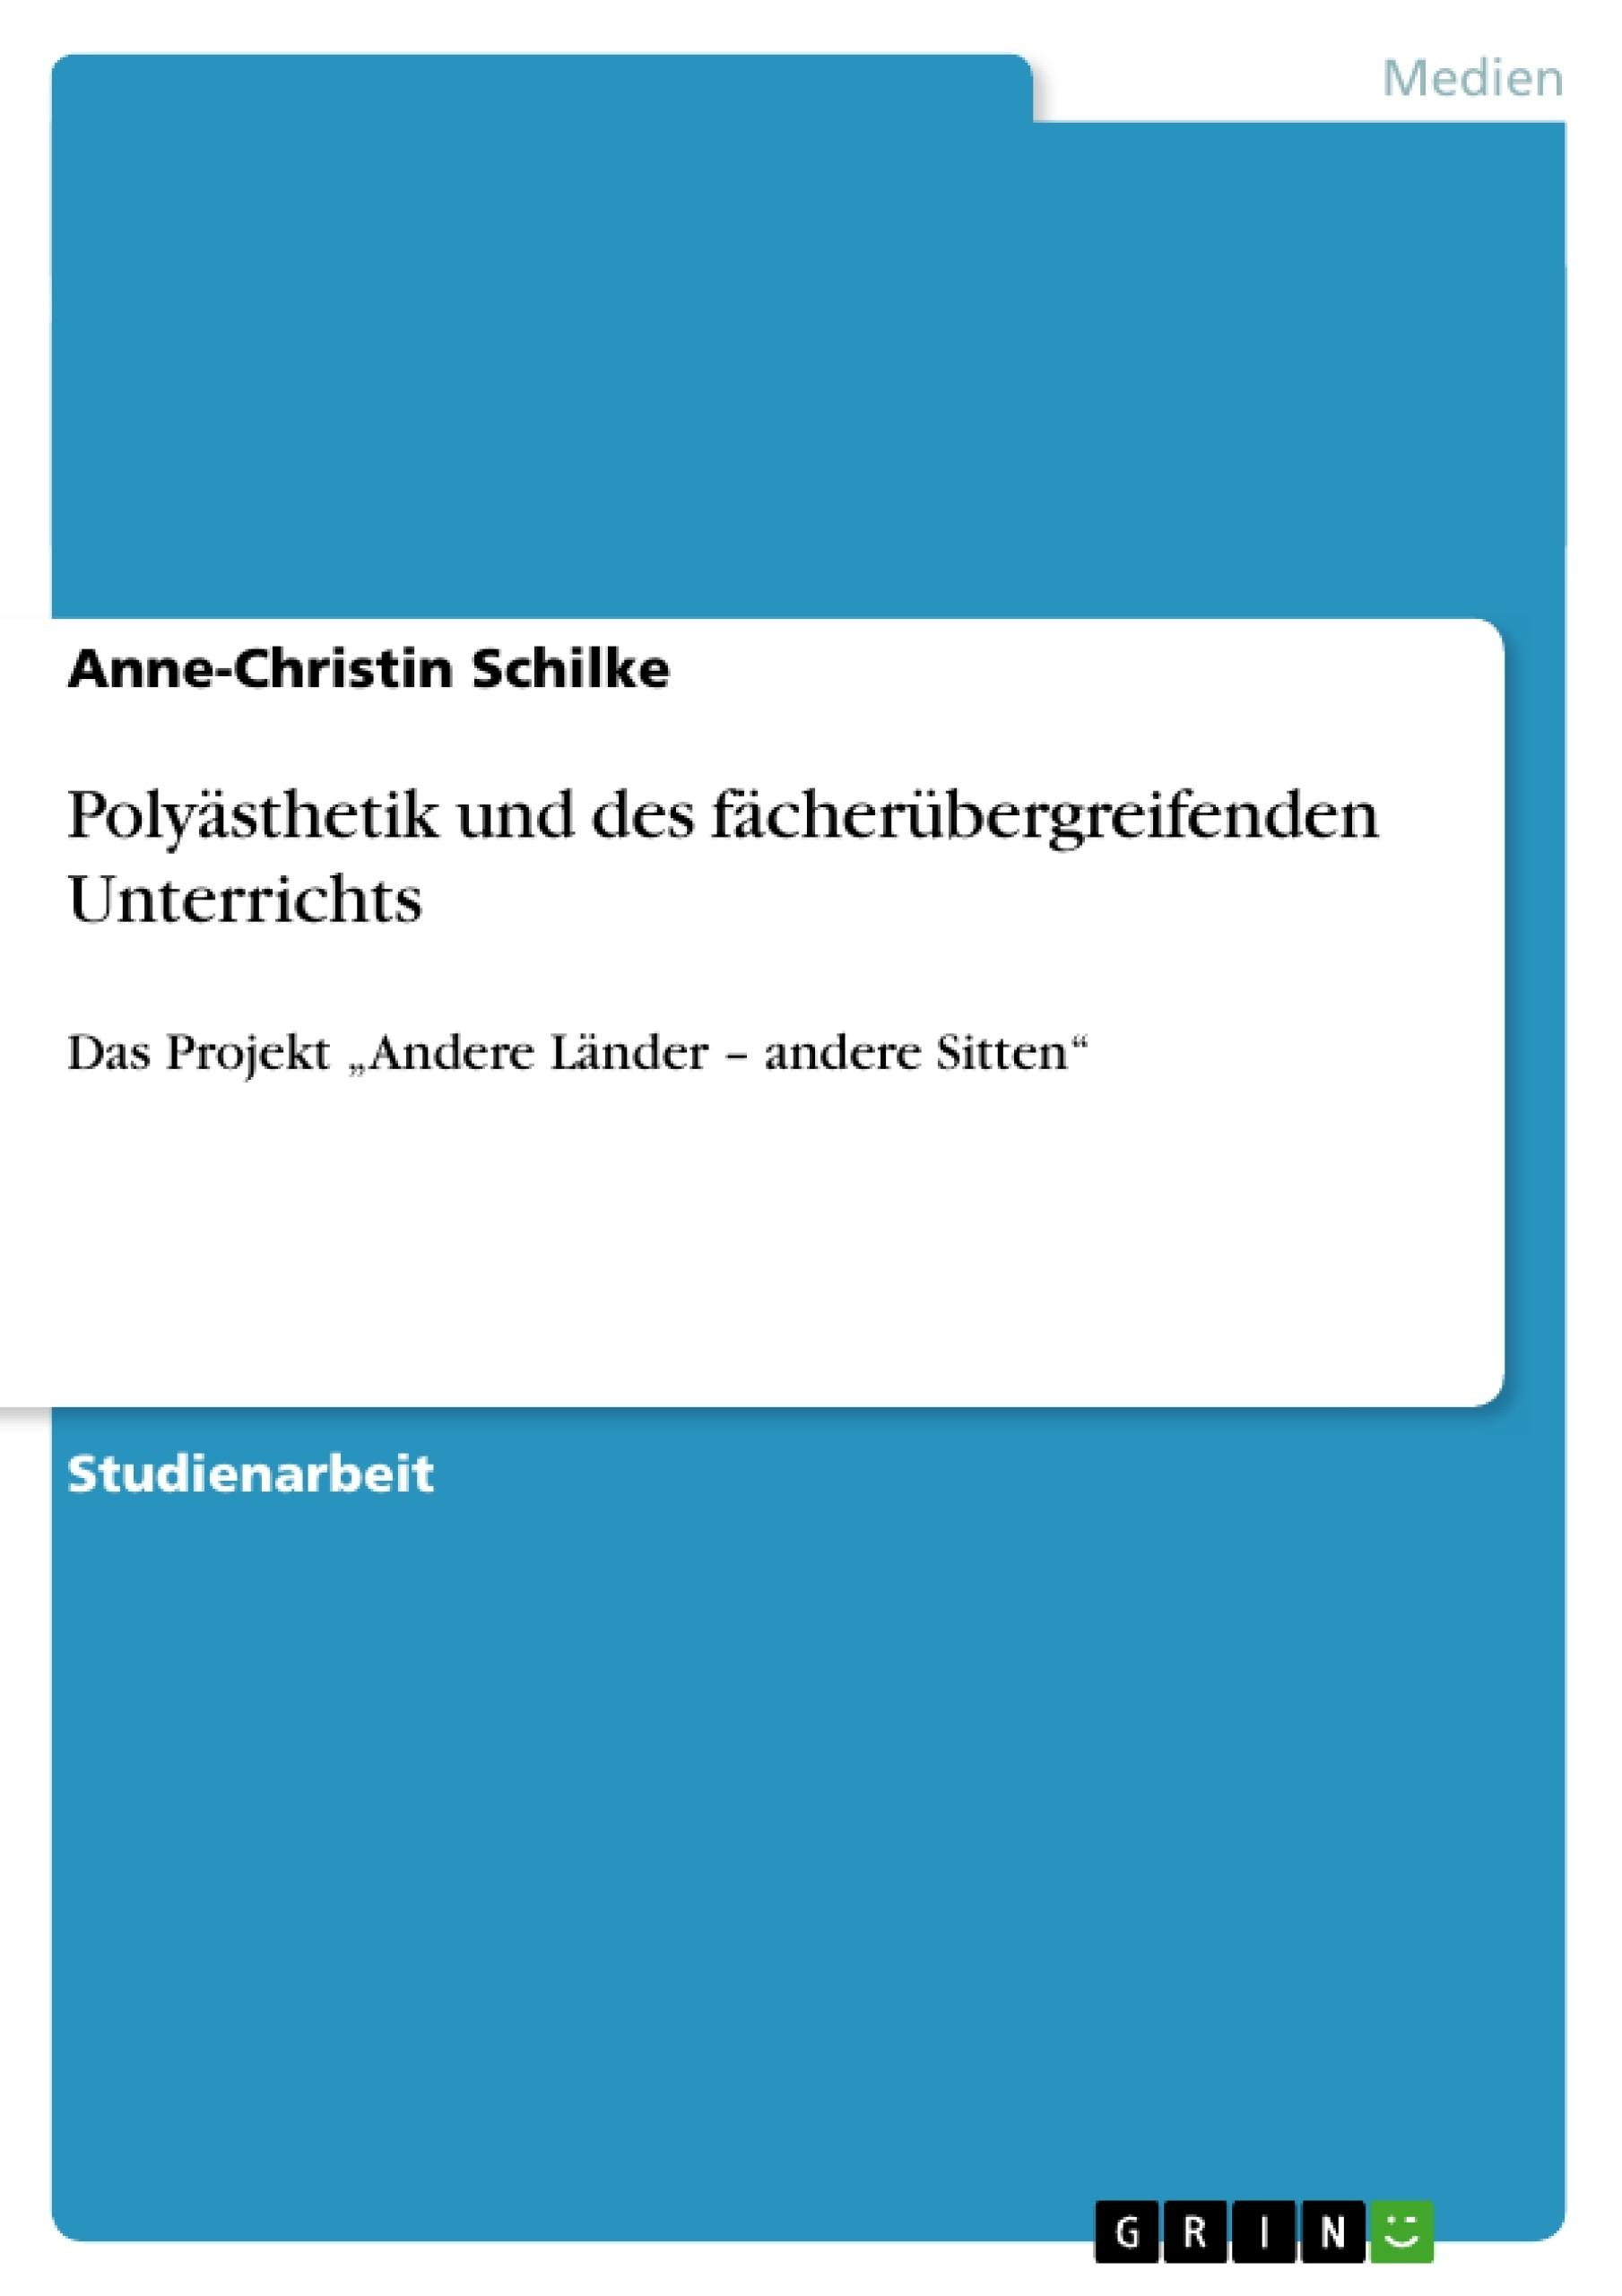 Titel: Polyästhetik und des fächerübergreifenden Unterrichts